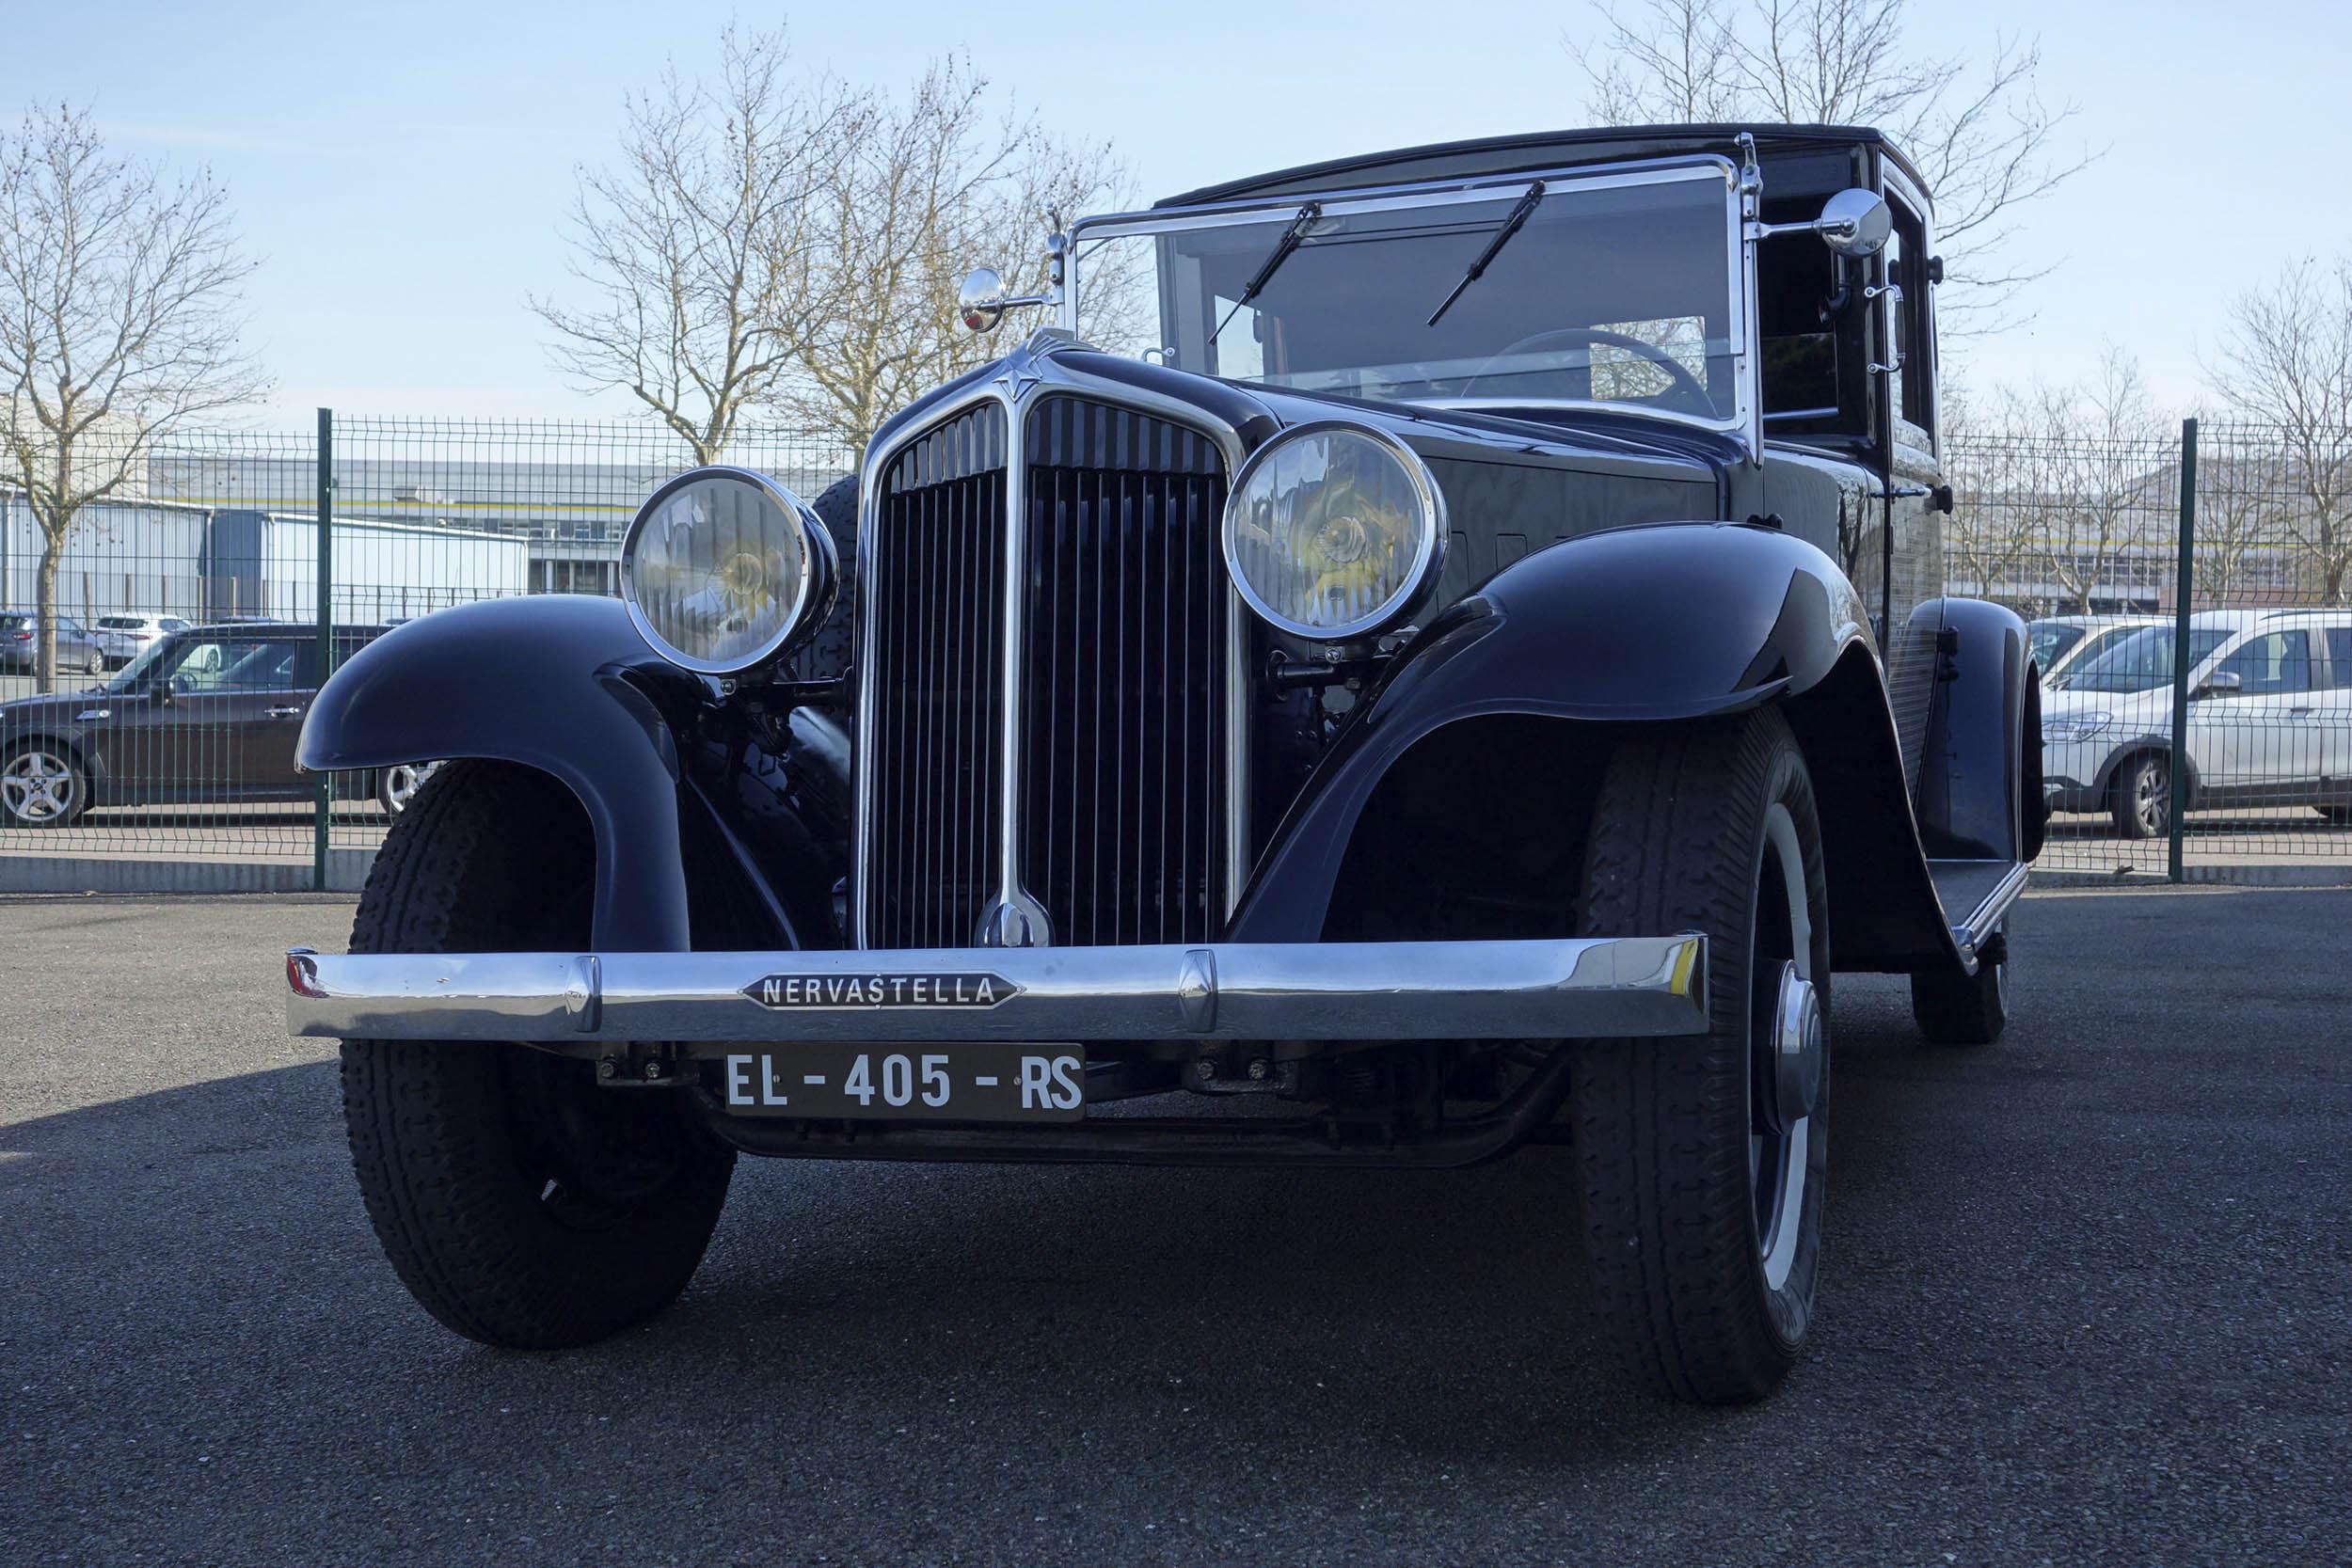 1929 renault nervastella coupe de ville front profile